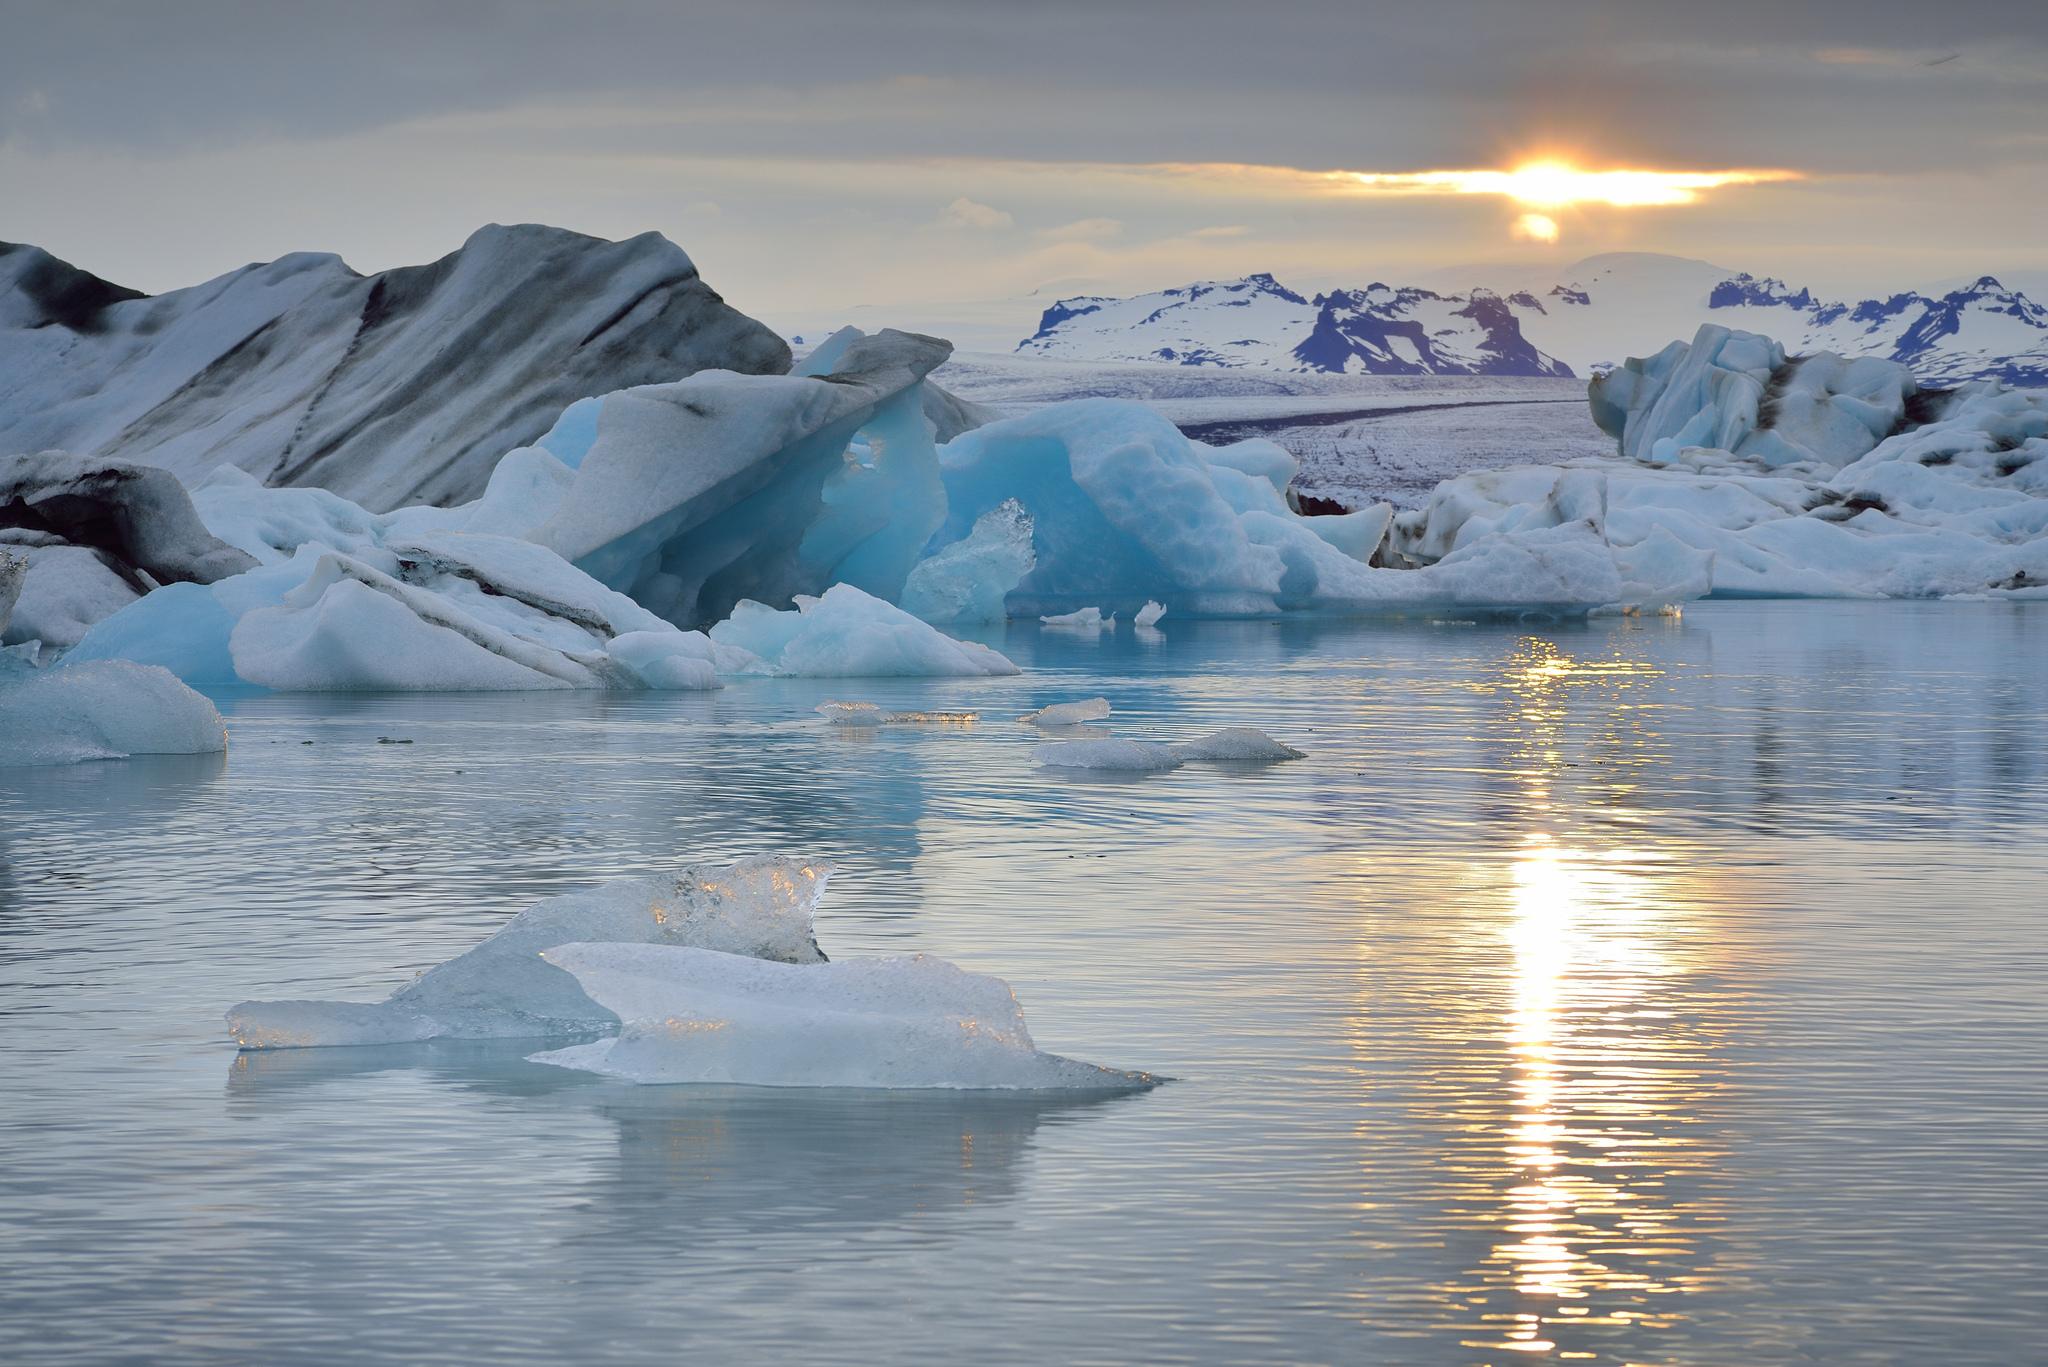 Картинки для, арктика картинки для презентации